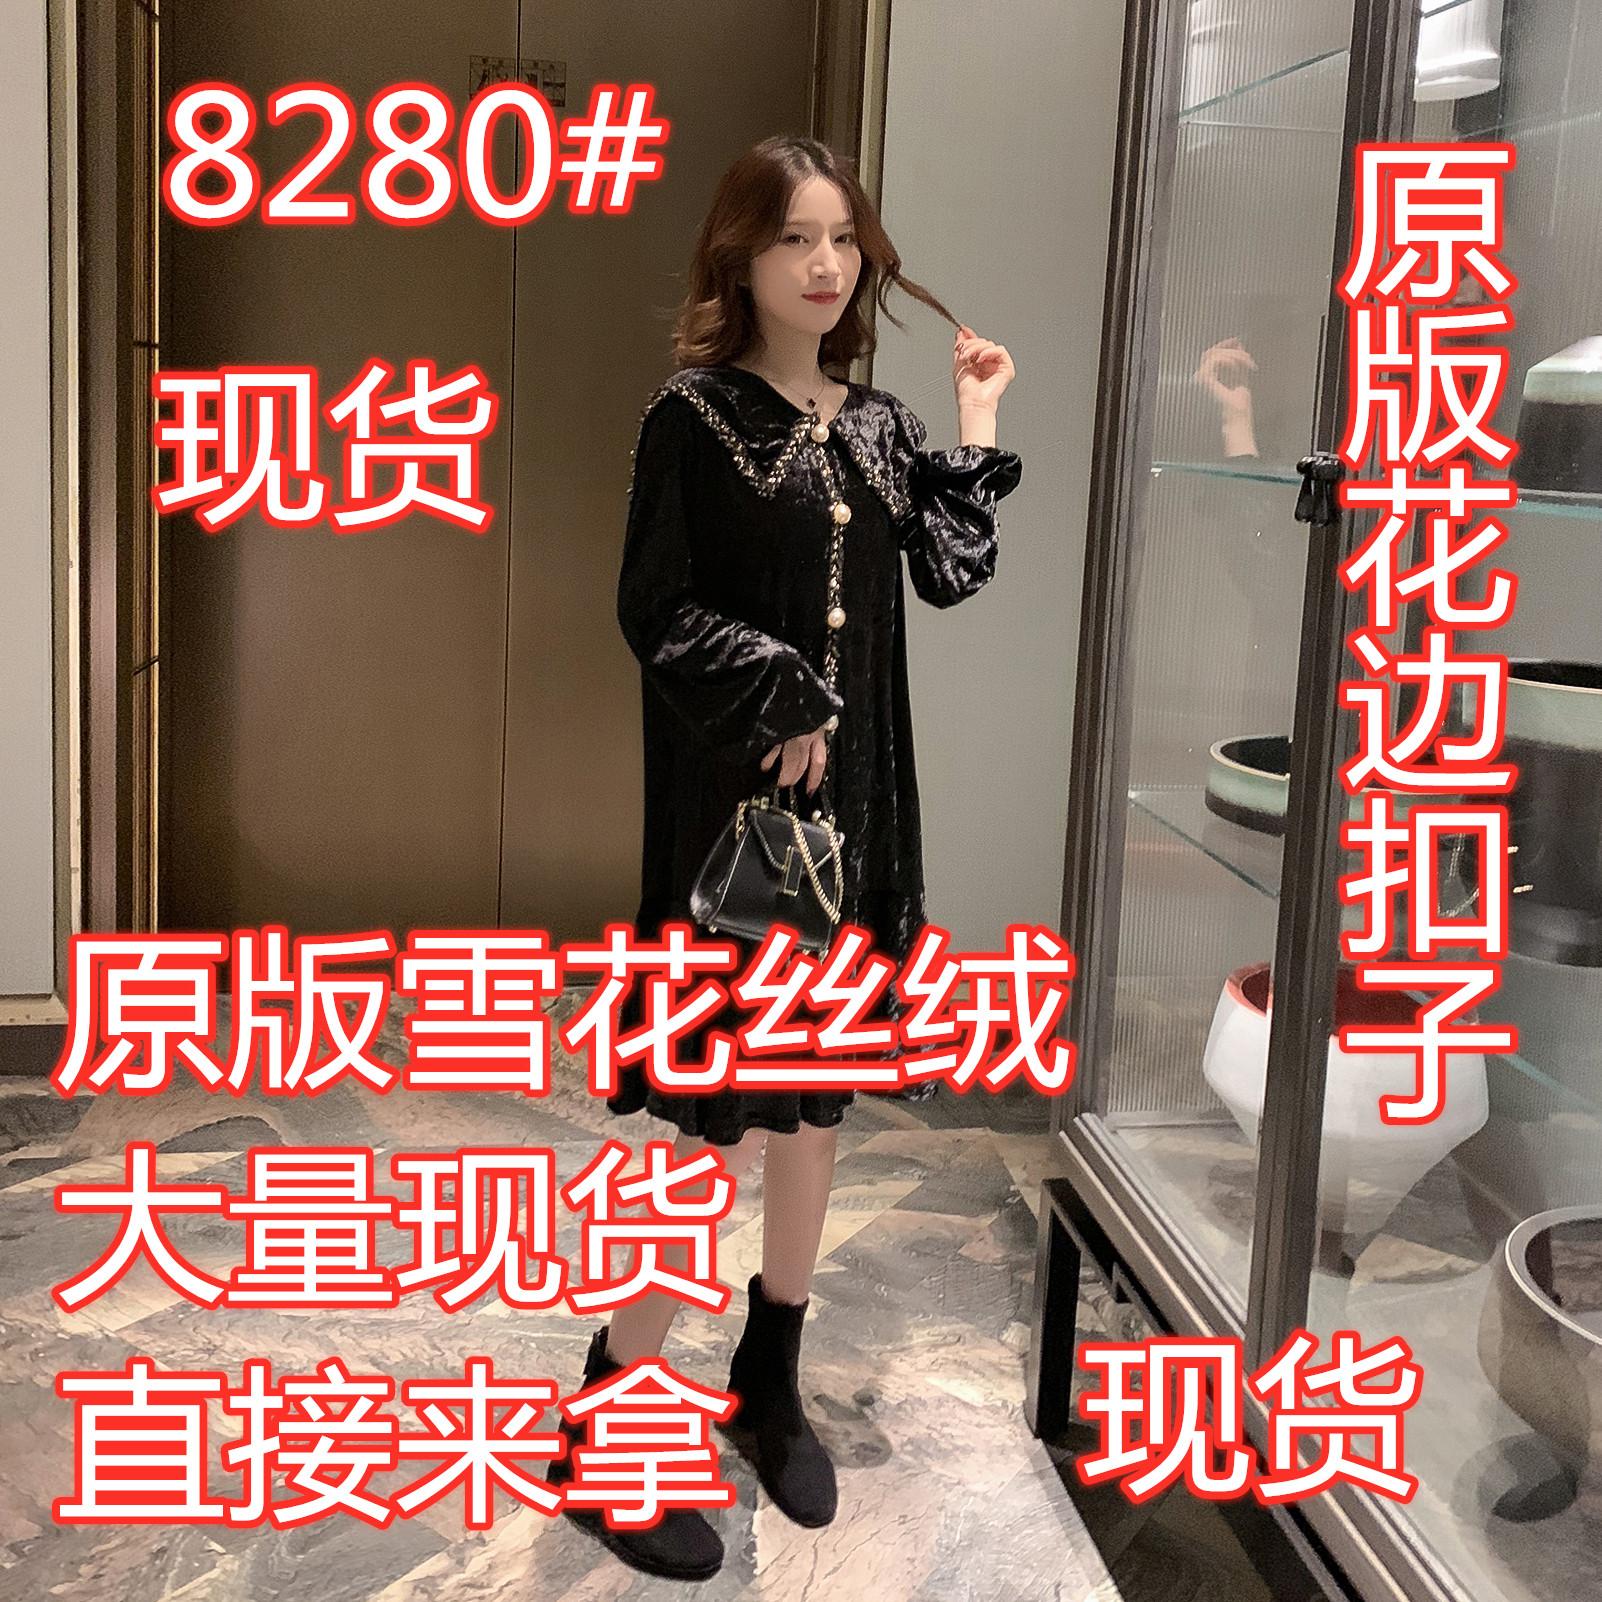 11.11新品 0點上新韓版秋冬荷葉邊金絲絨珍珠扣連衣裙Q11207